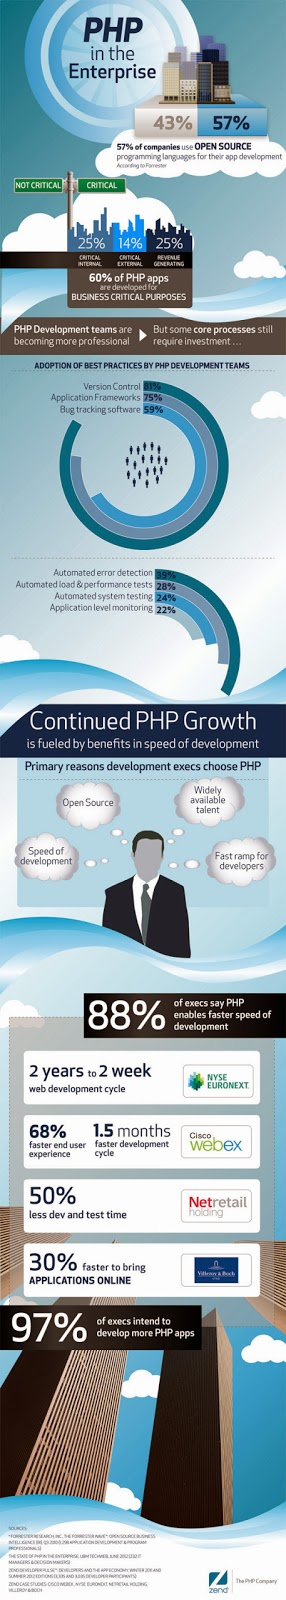 PHP Enterprise